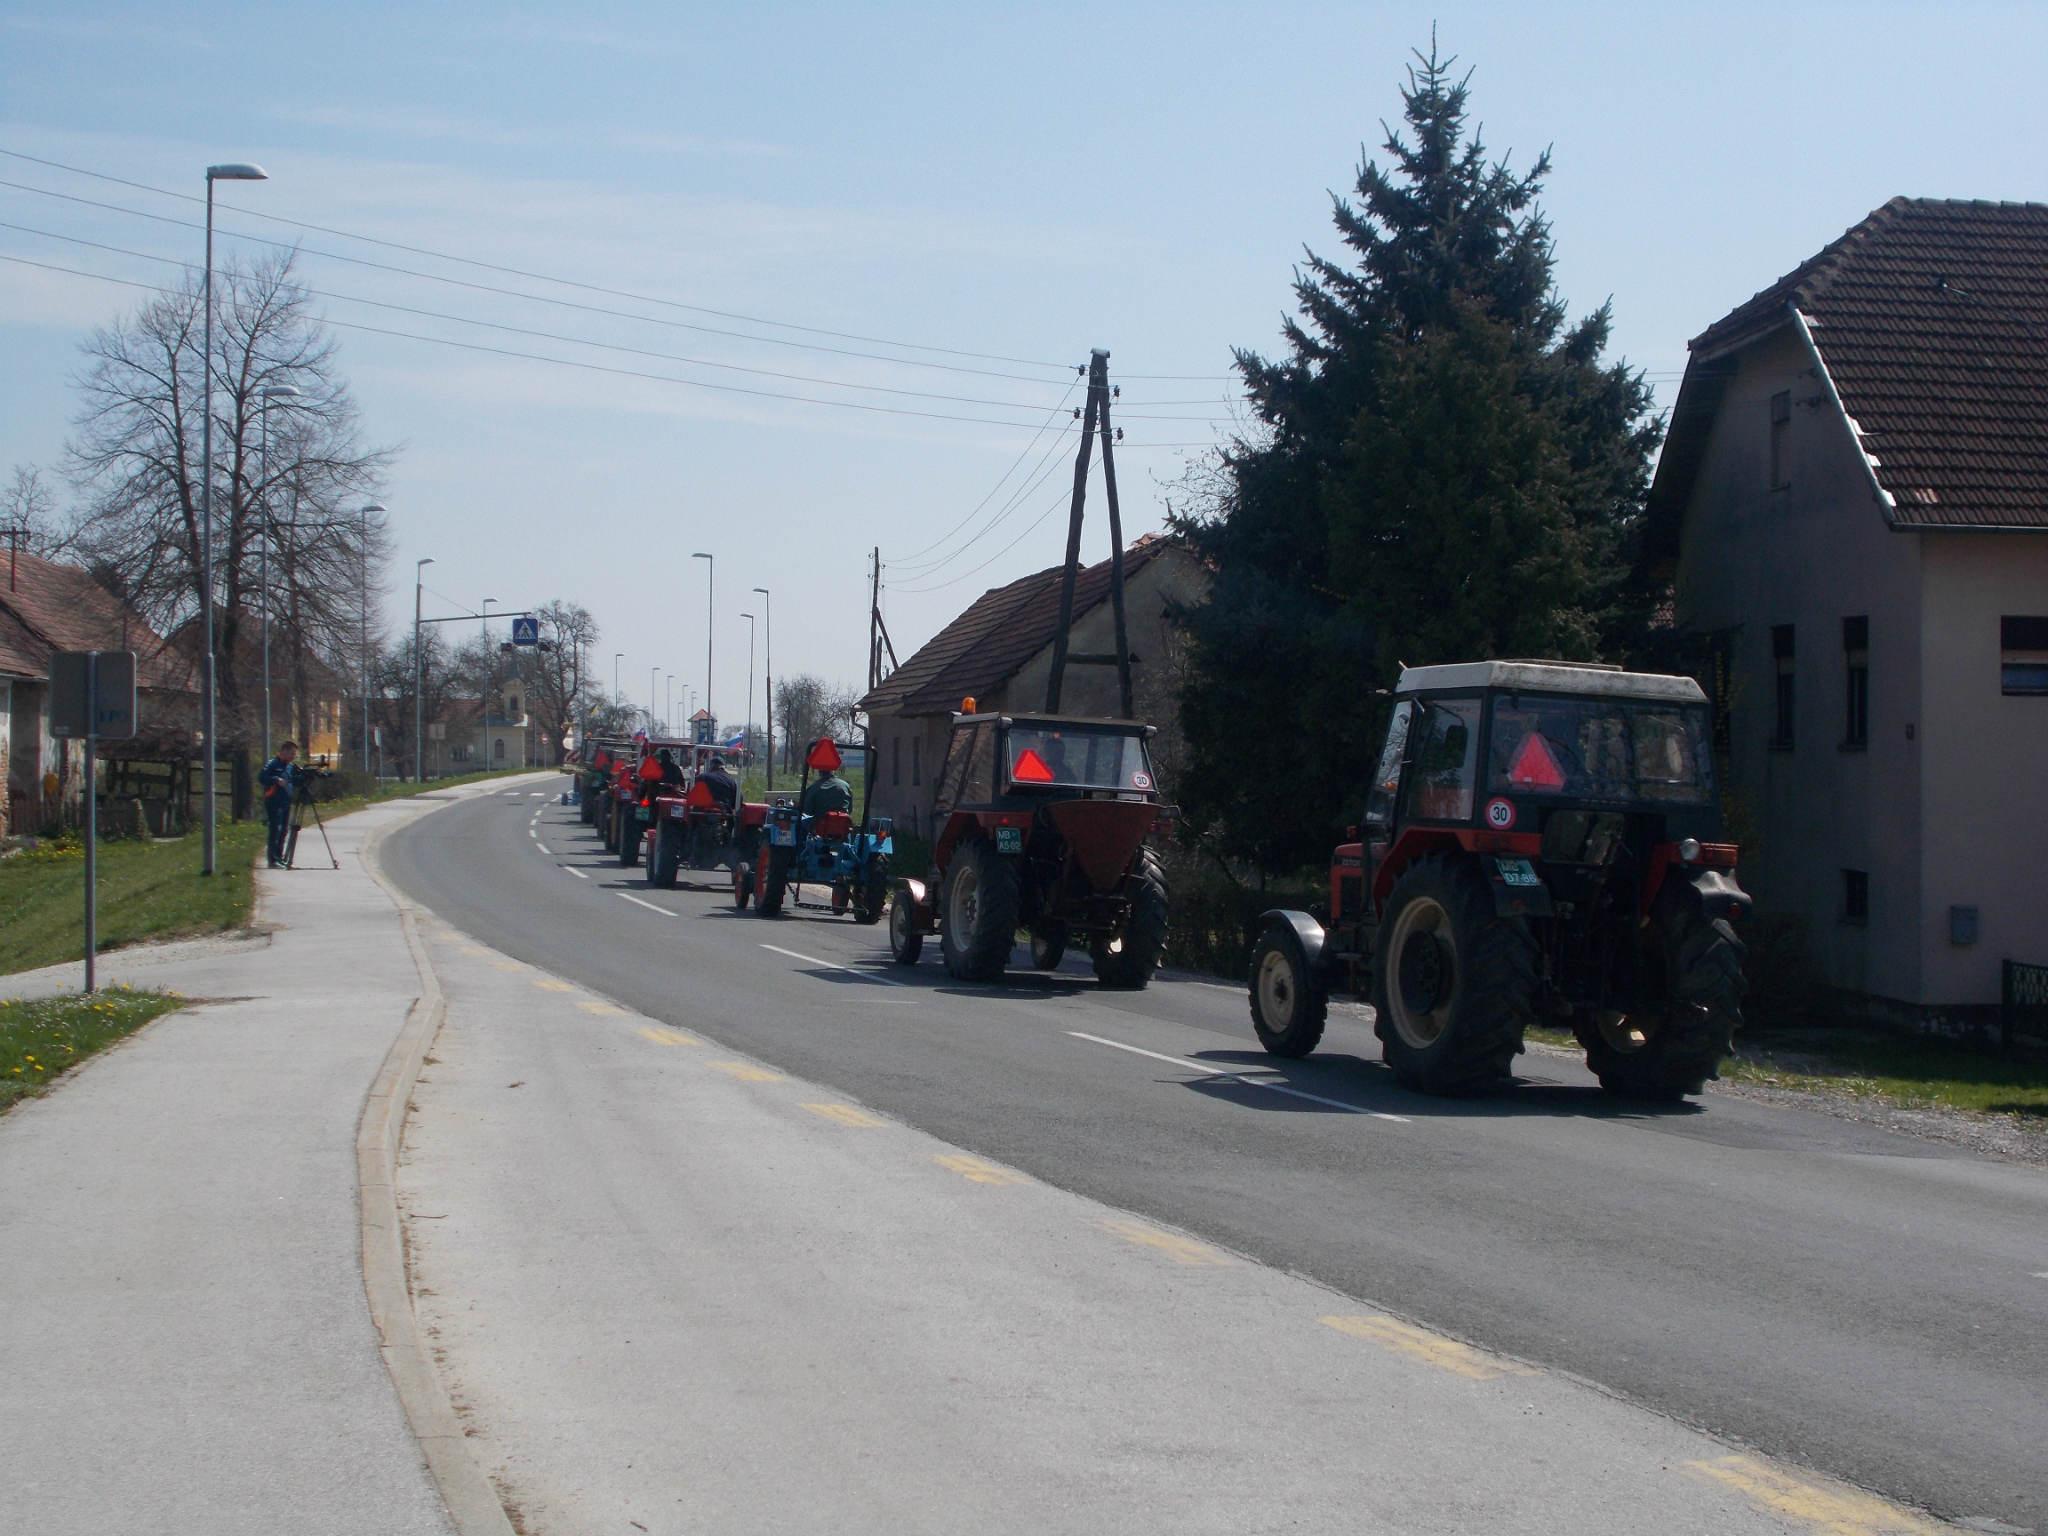 Središče ob Dravi: V povorki starodobnih traktorjev je zabrnelo 51 lepotcev častitljive starosti